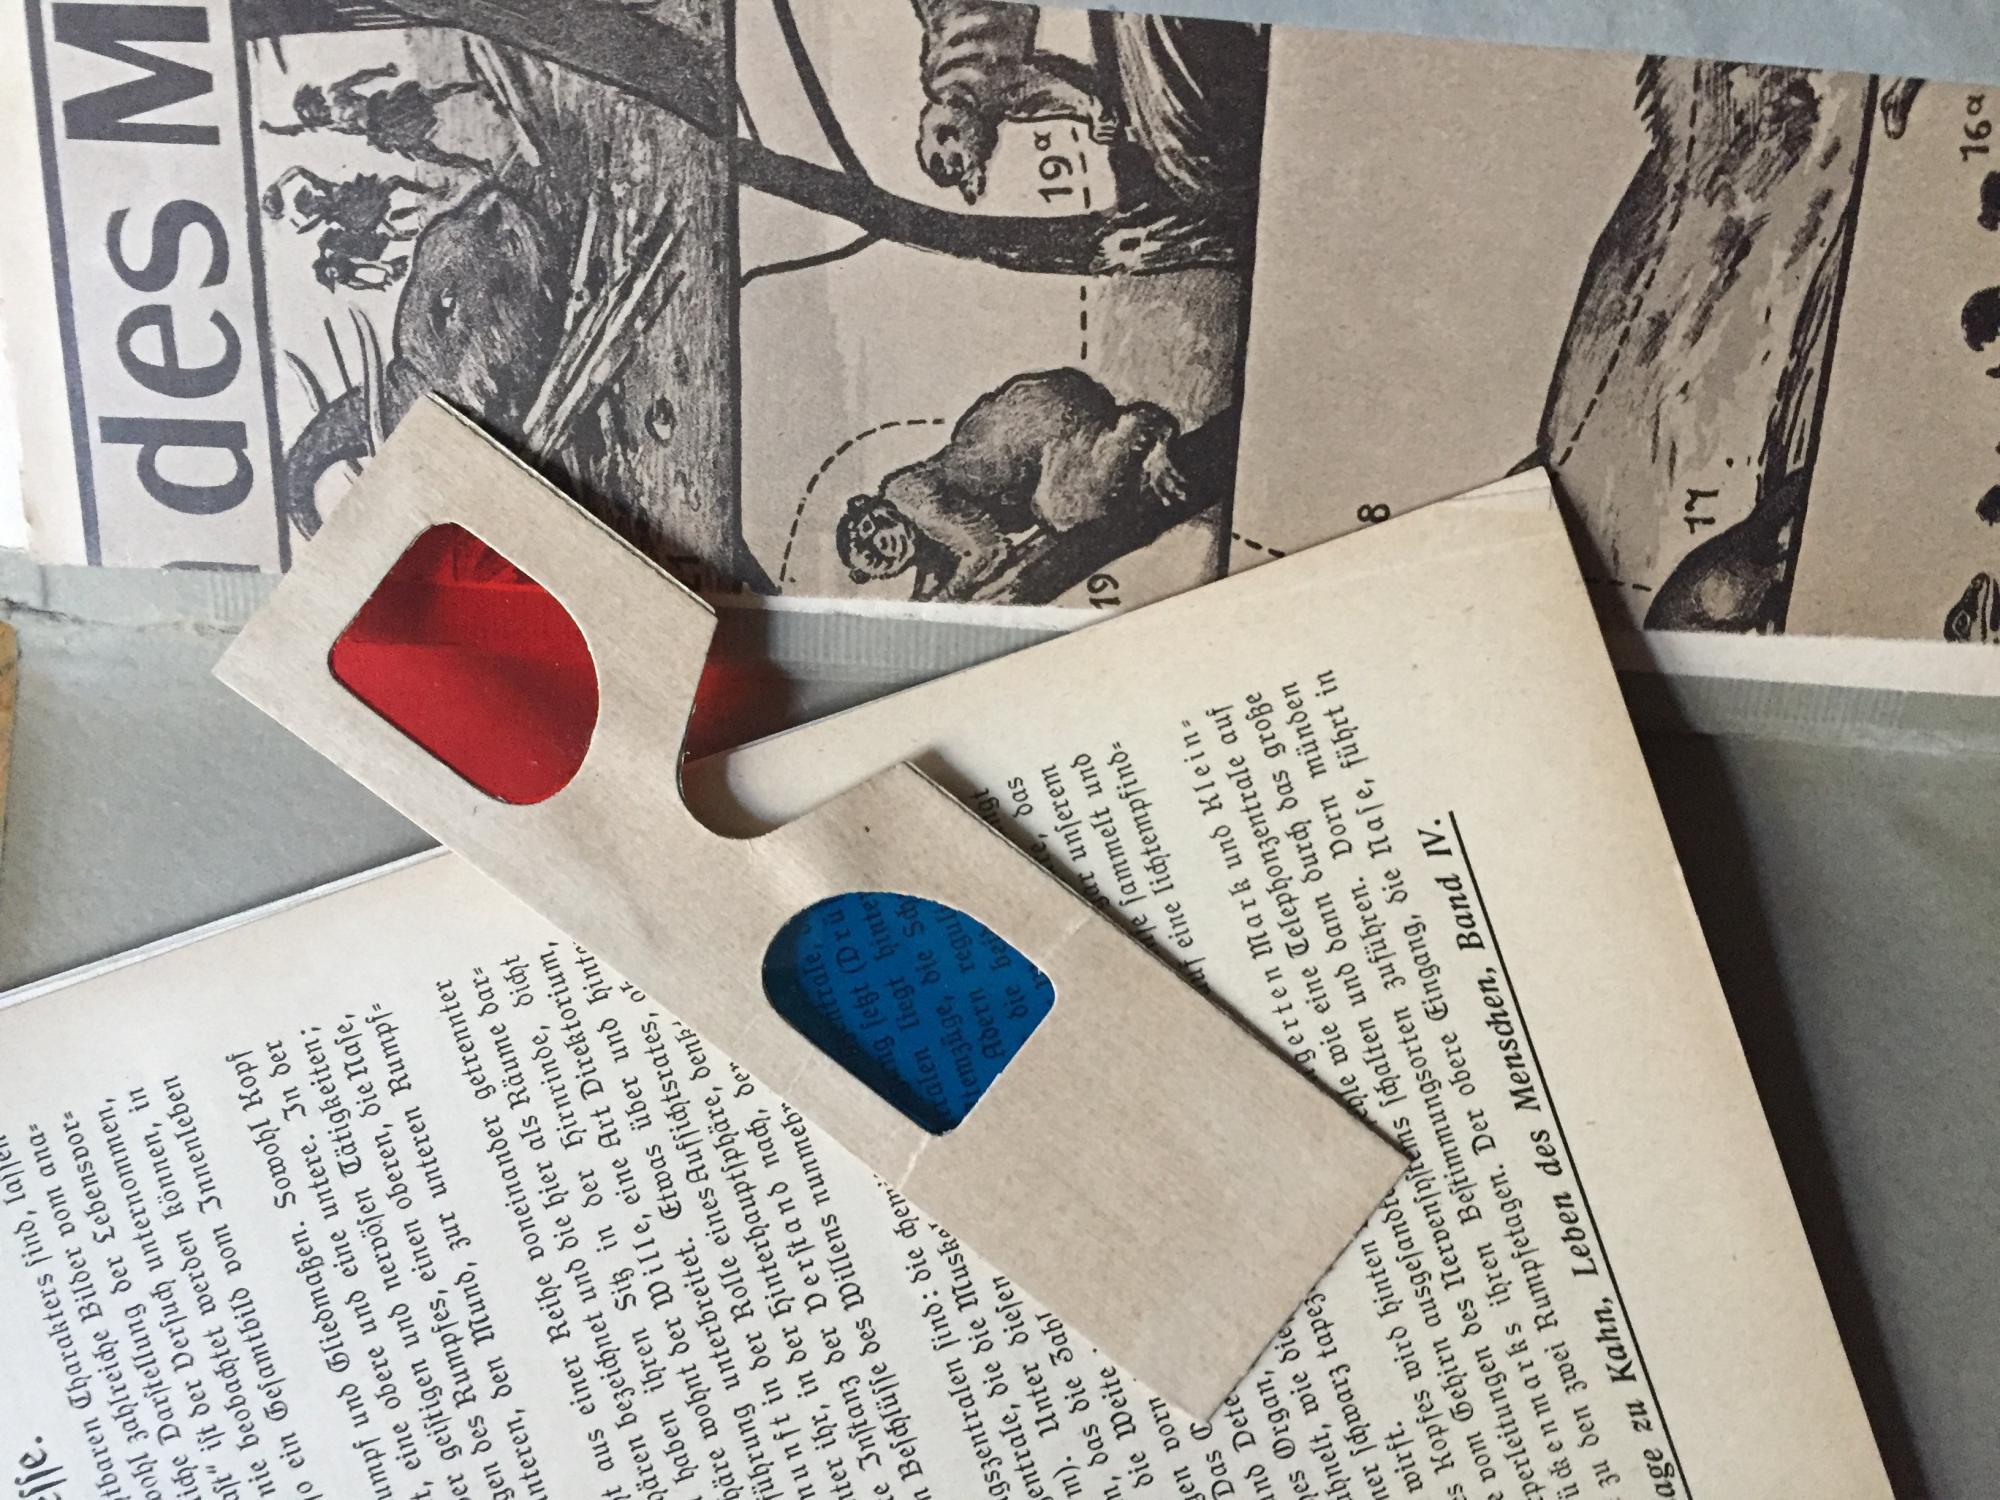 viaLibri ~ Rare Books from 1926 - Page 15